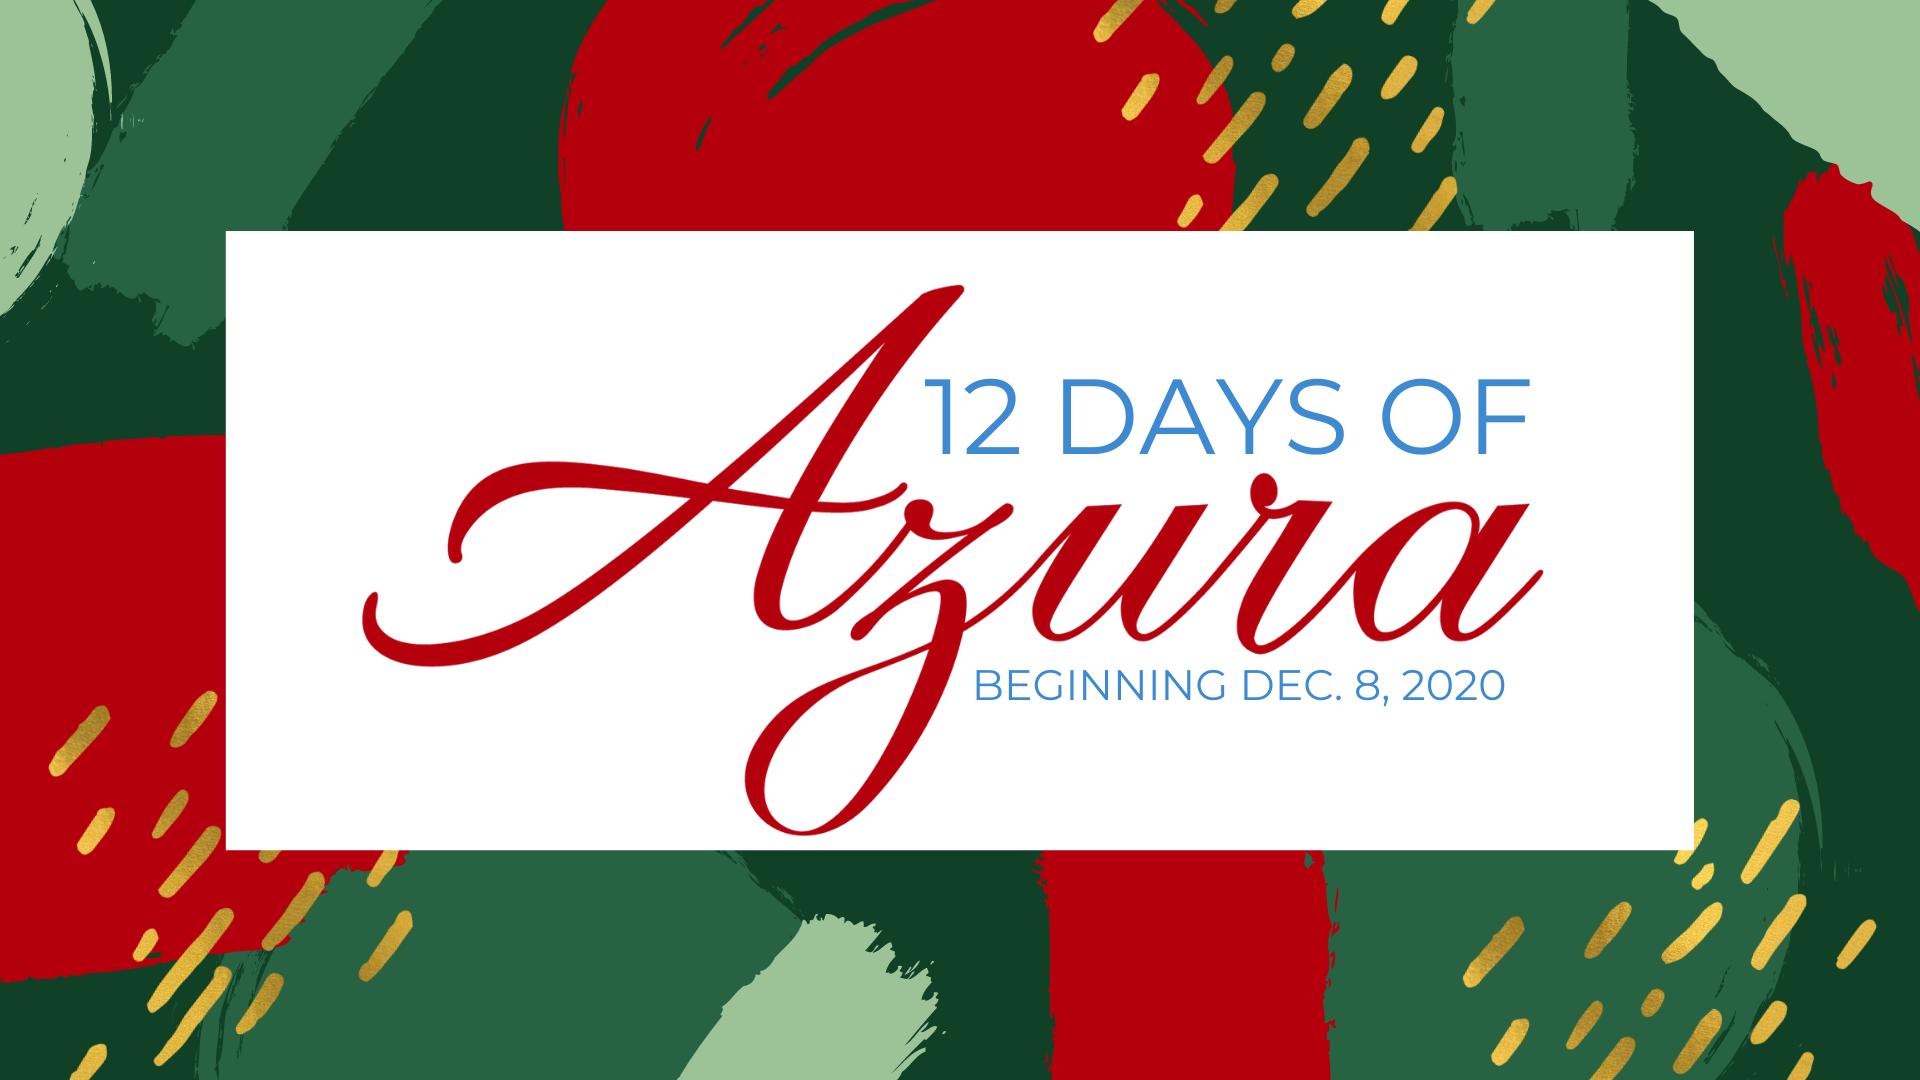 Azura 12 Days of Christmas - Event Cover